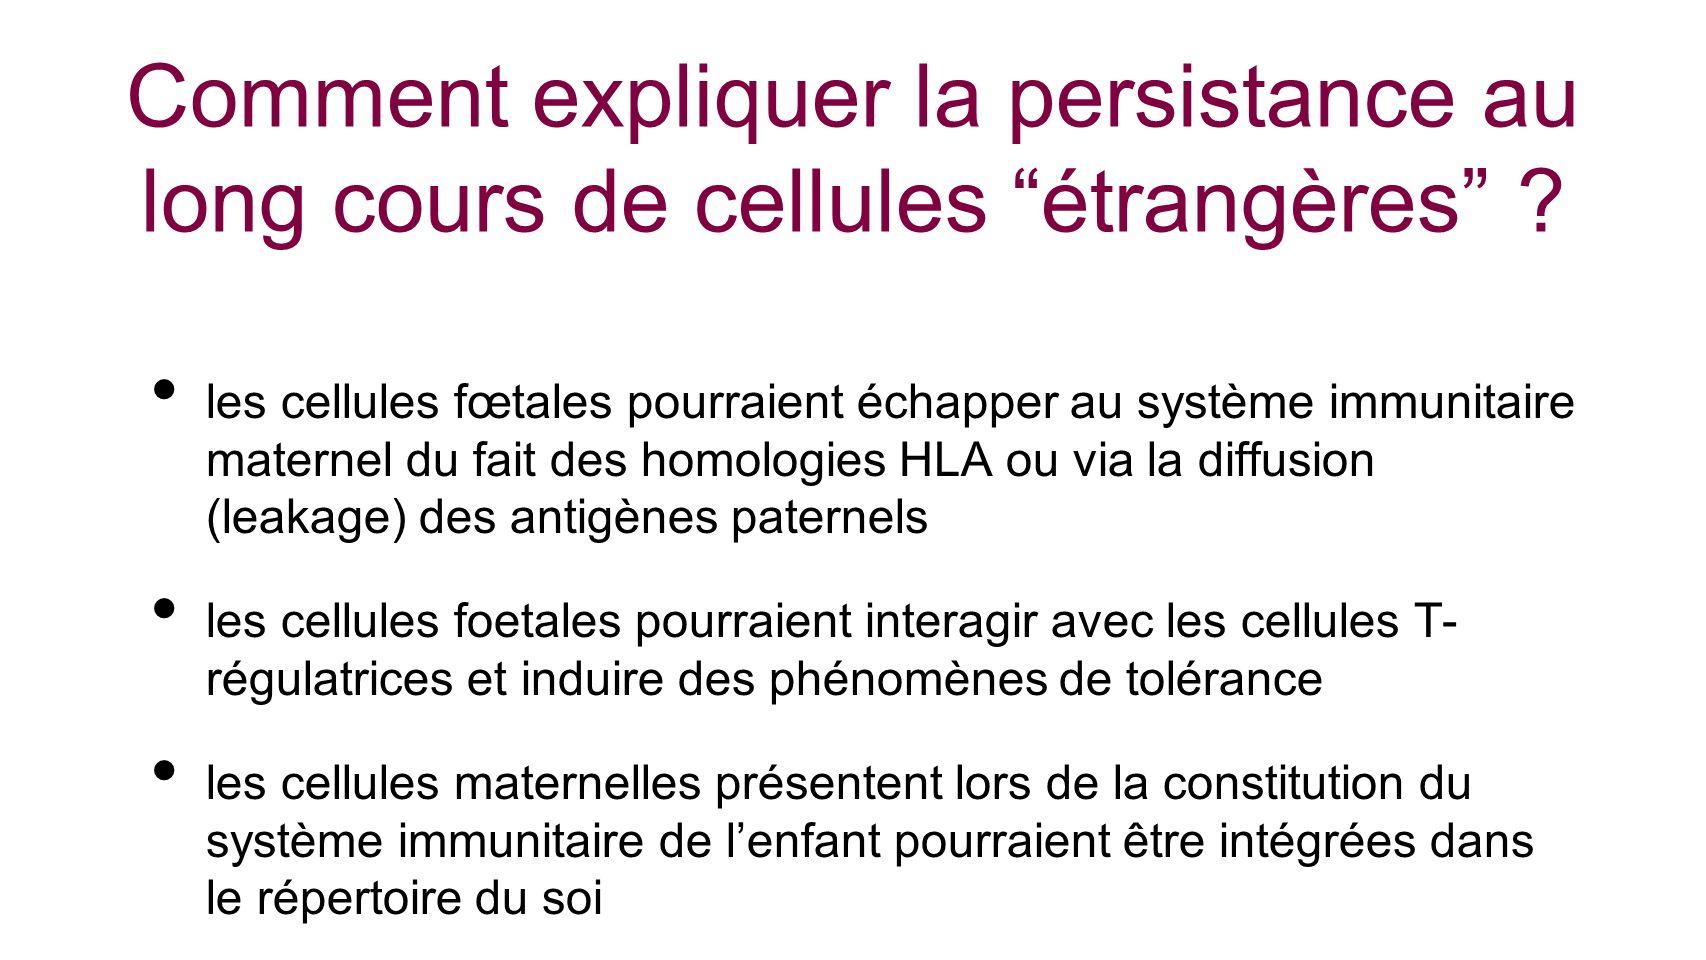 Comment expliquer la persistance au long cours de cellules étrangères ? les cellules fœtales pourraient échapper au système immunitaire maternel du fa